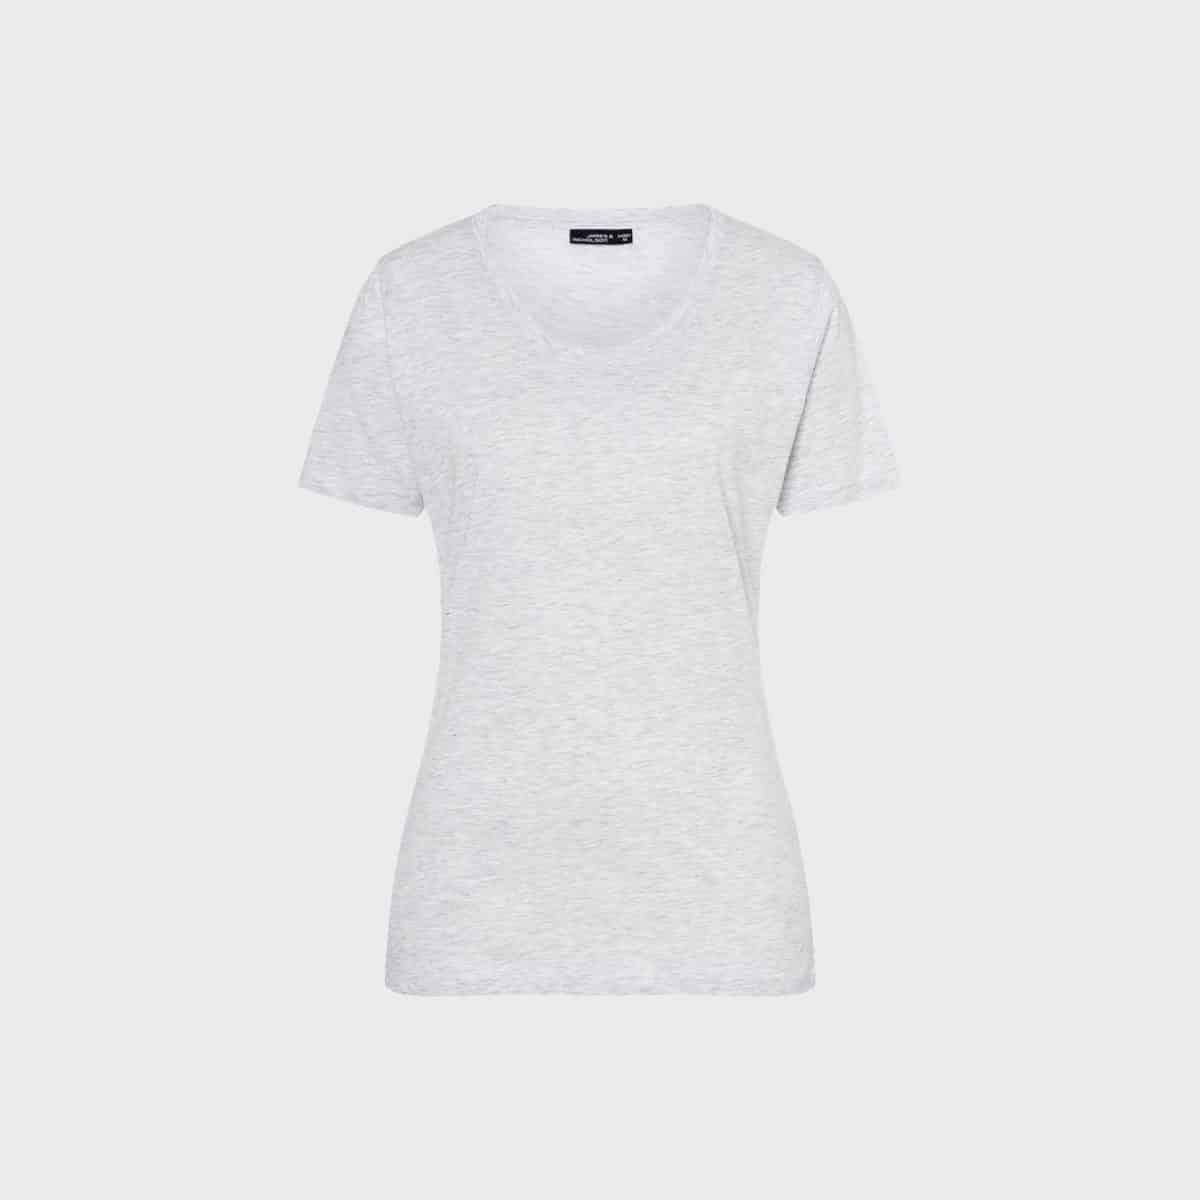 round-neck-t-shirt-damen-ash-kaufen-besticken_stickmanufaktur